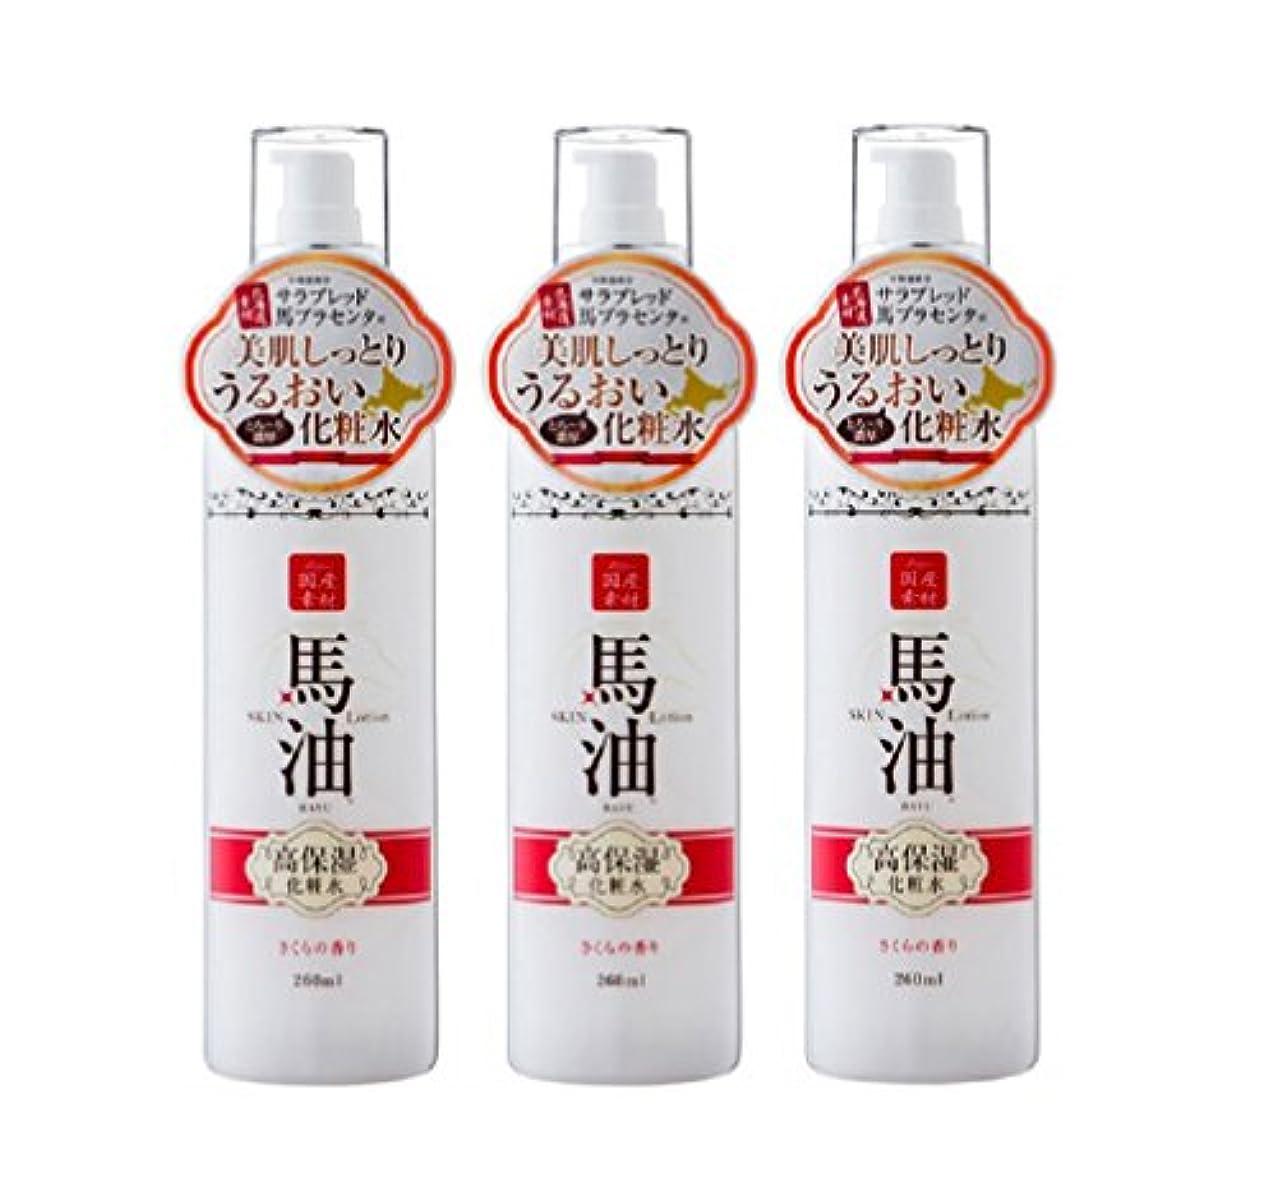 研究寄生虫猫背リシャン 馬油化粧水 さくらの香り 260ml×3本セット